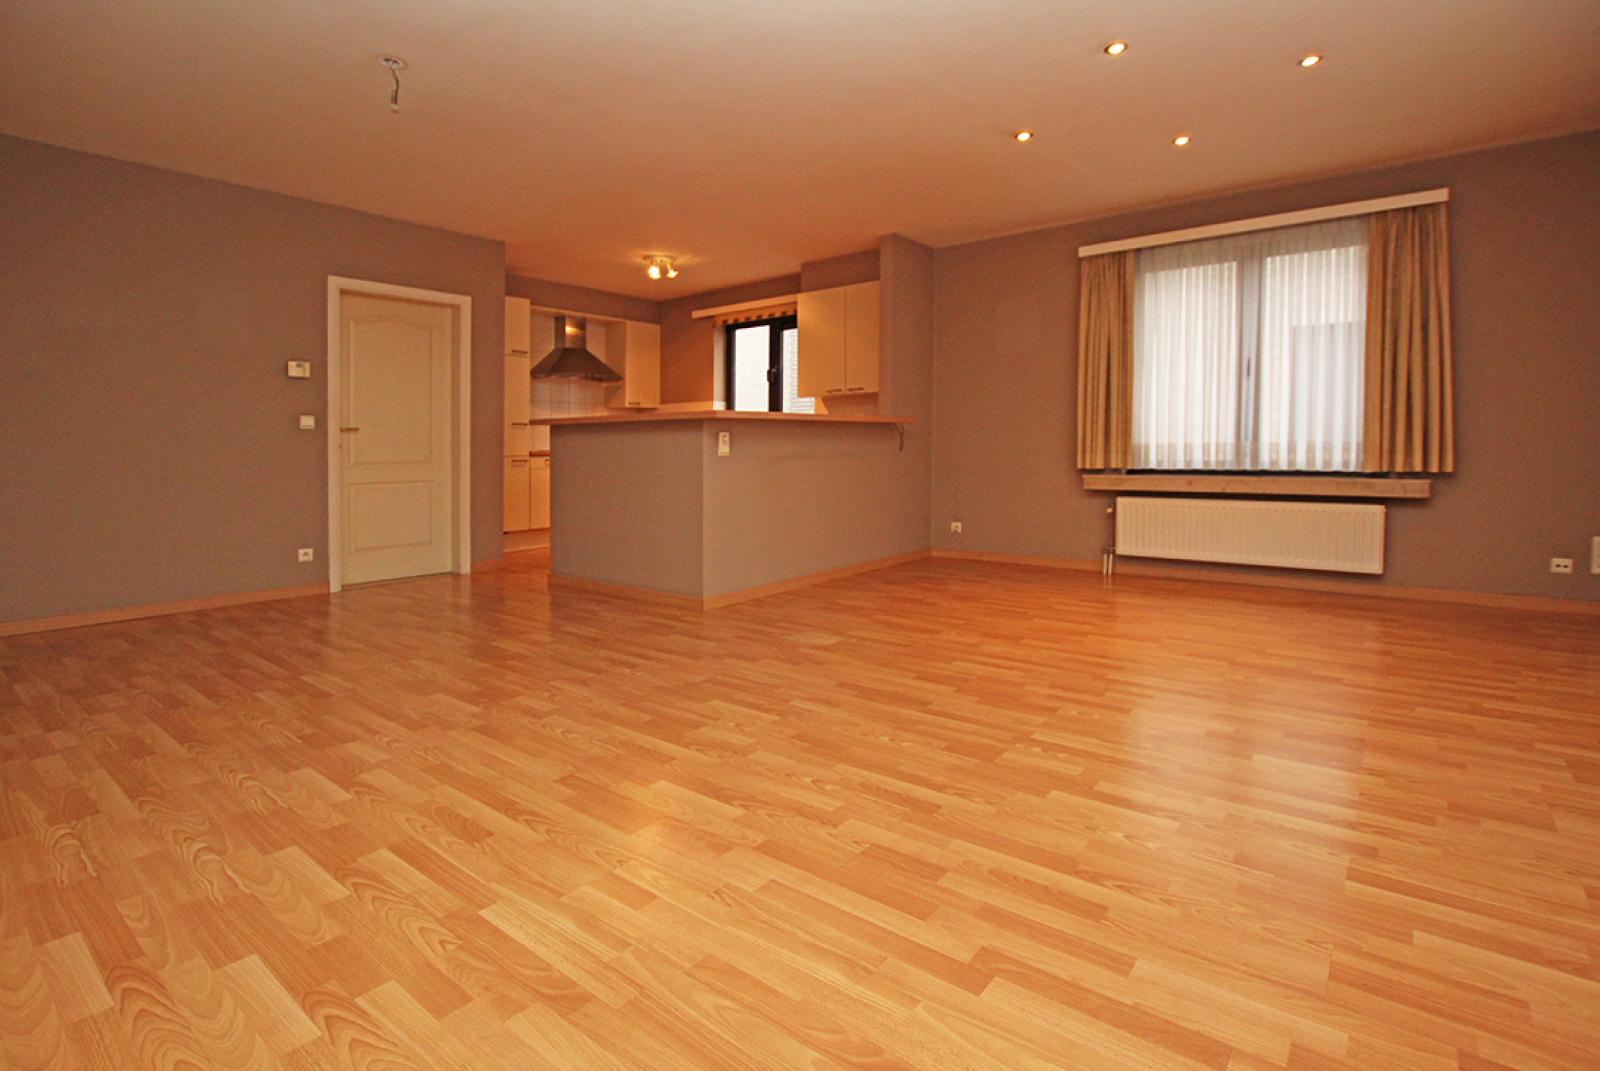 Zeer verzorgd 3-gevel appartement met twee slaapkamers en terras op goede locatie te Borsbeek! afbeelding 5